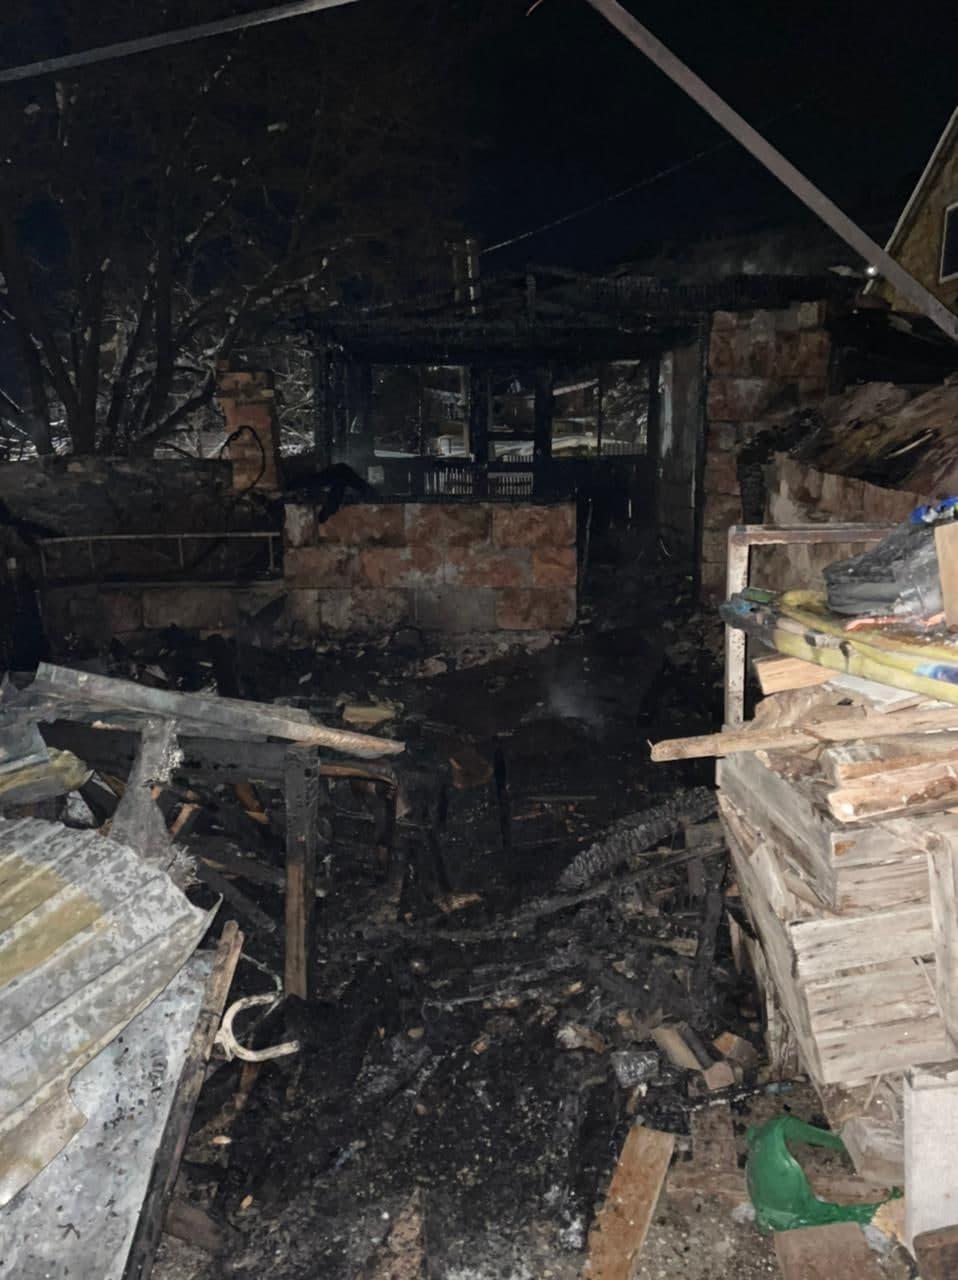 «Просто стечение обстоятельств»: Родственники погибшего на пожаре 9-месячного мальчика просят не винить семью